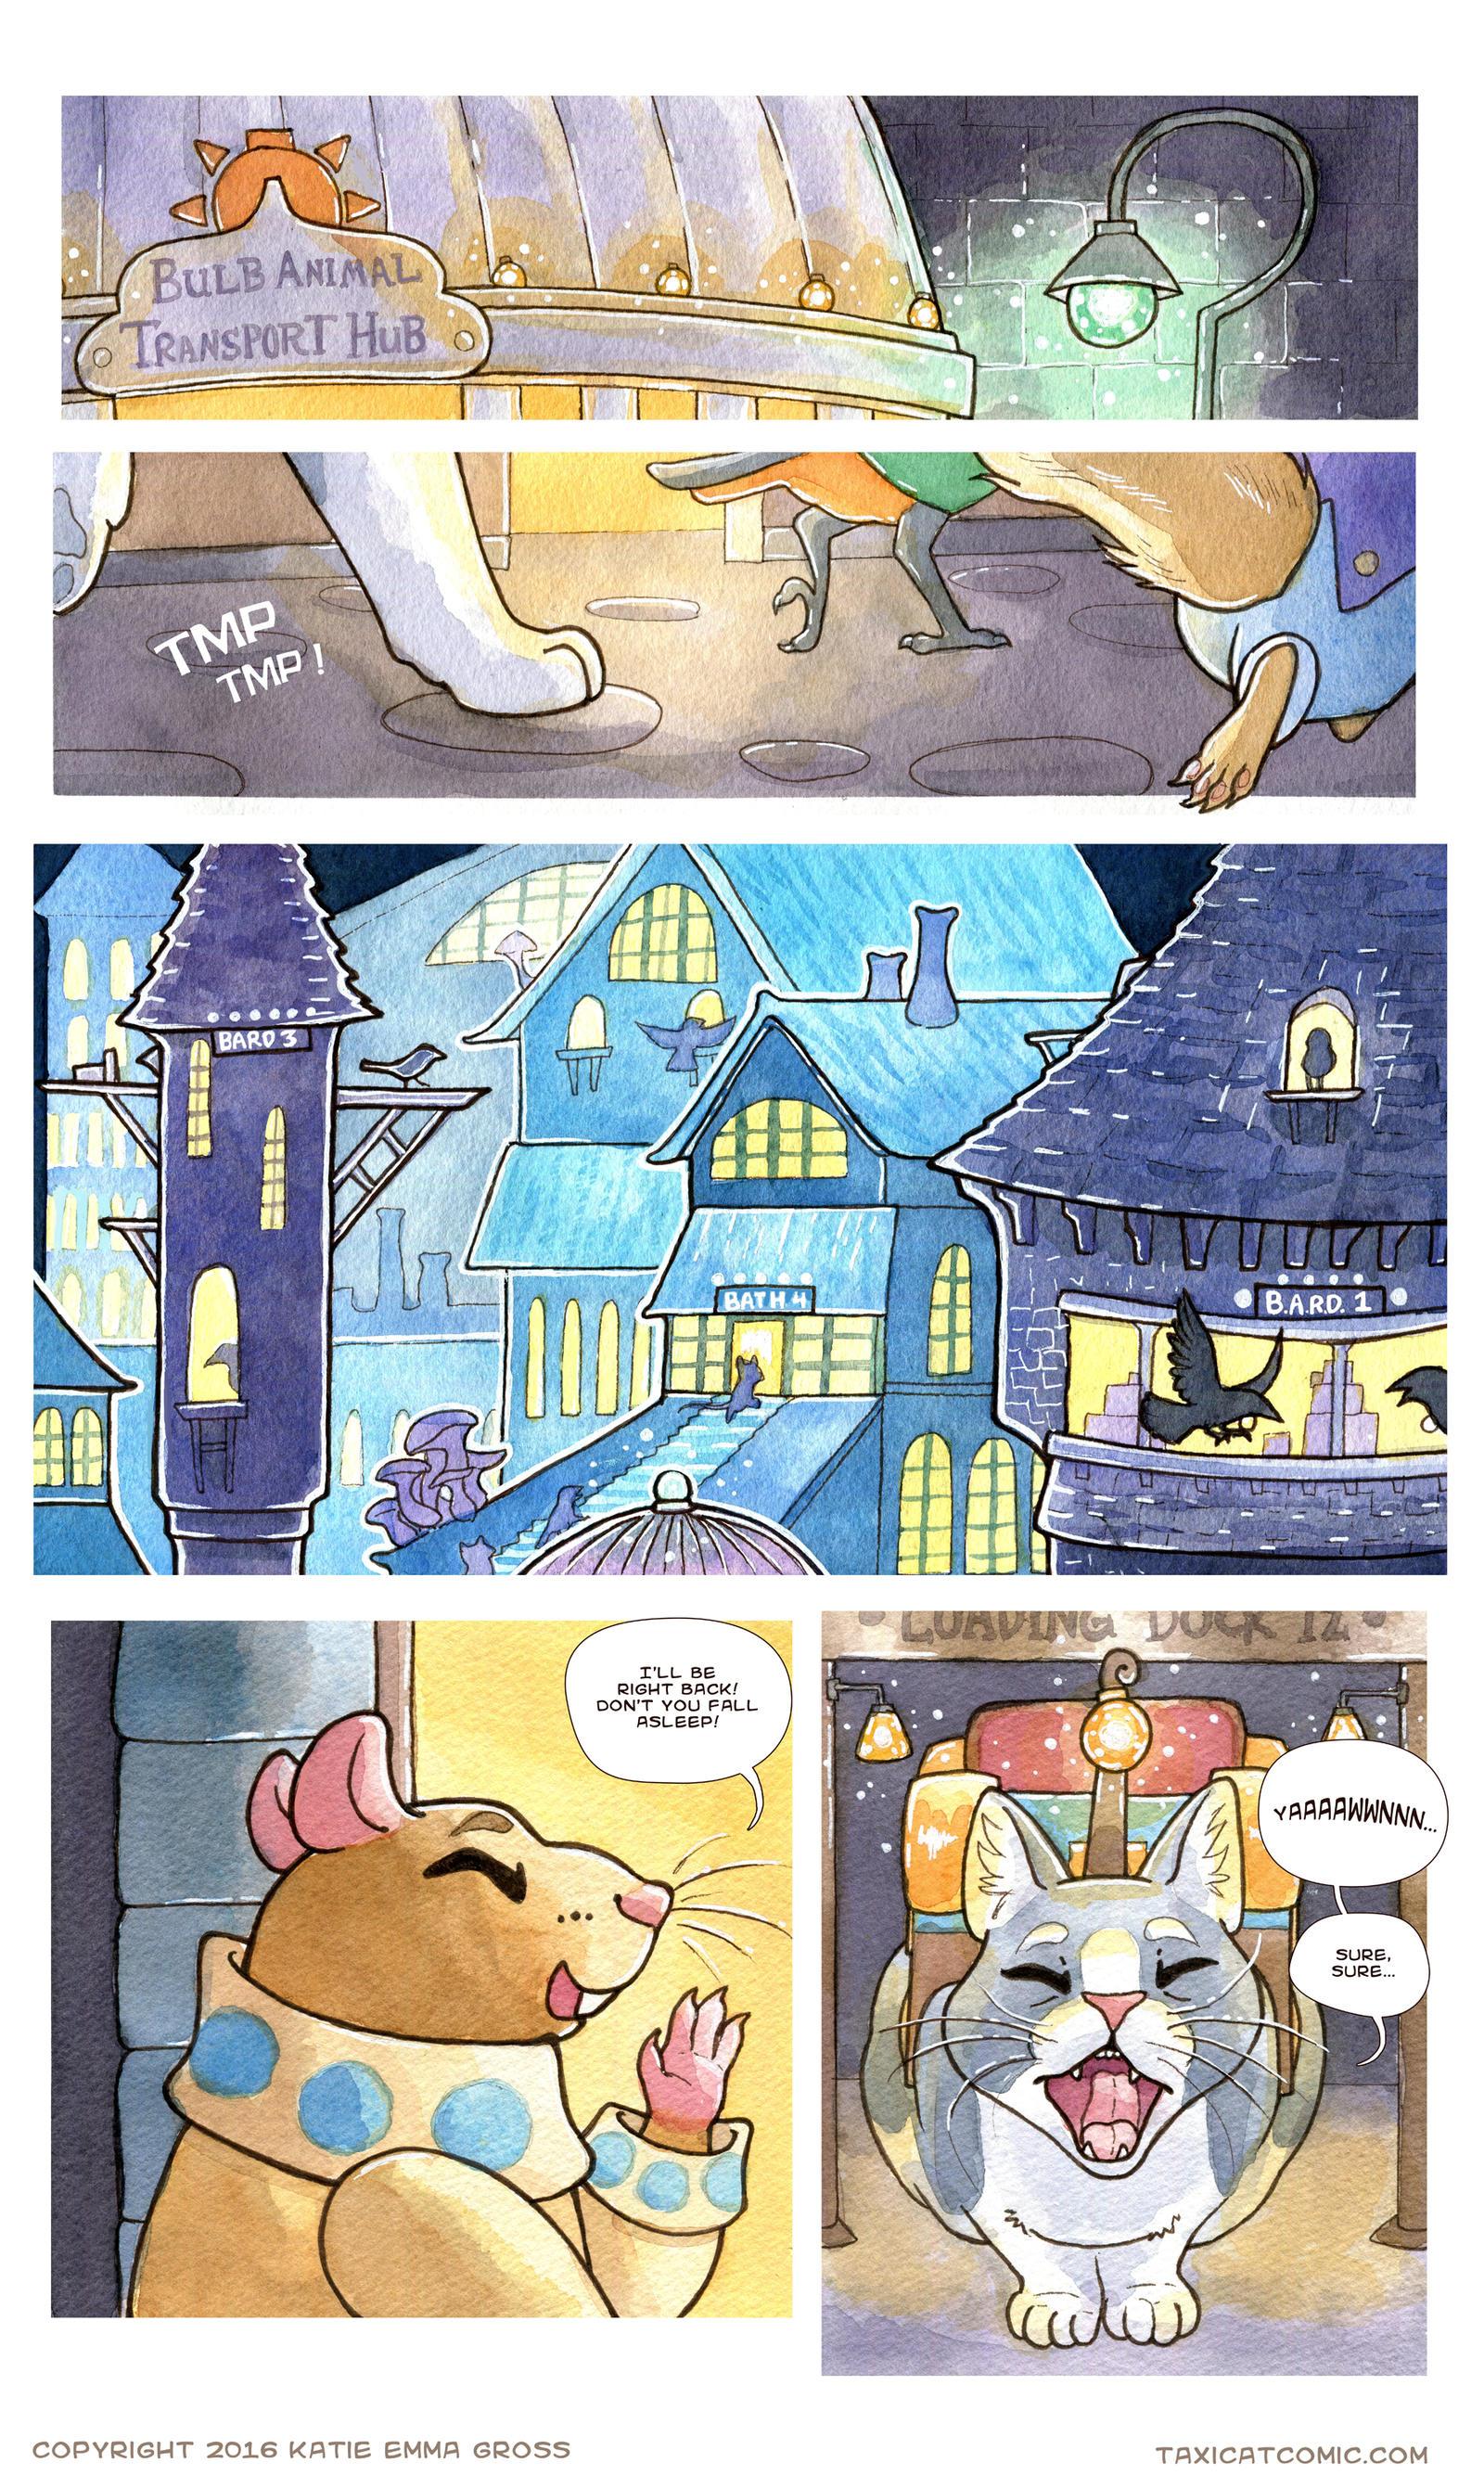 CH 1 Page 7 BATH by owlburrow